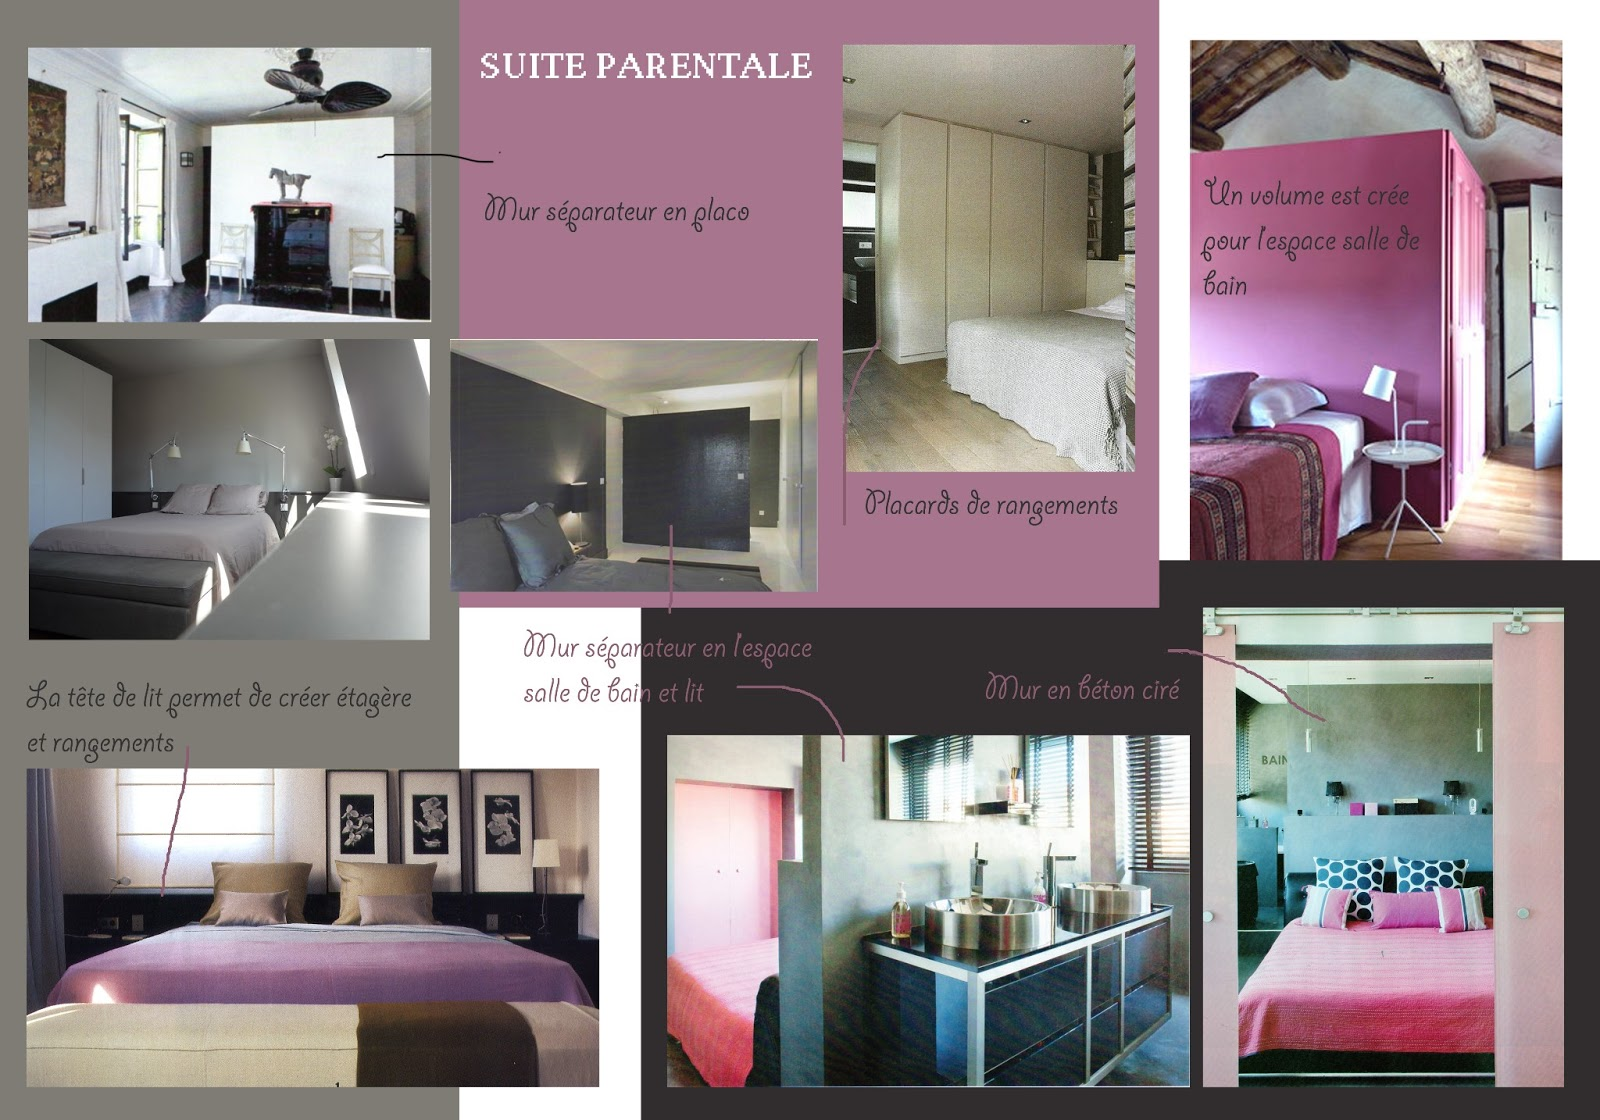 Ide suite parentale avec salle de bain et dressing salle for Suite parentale dressing